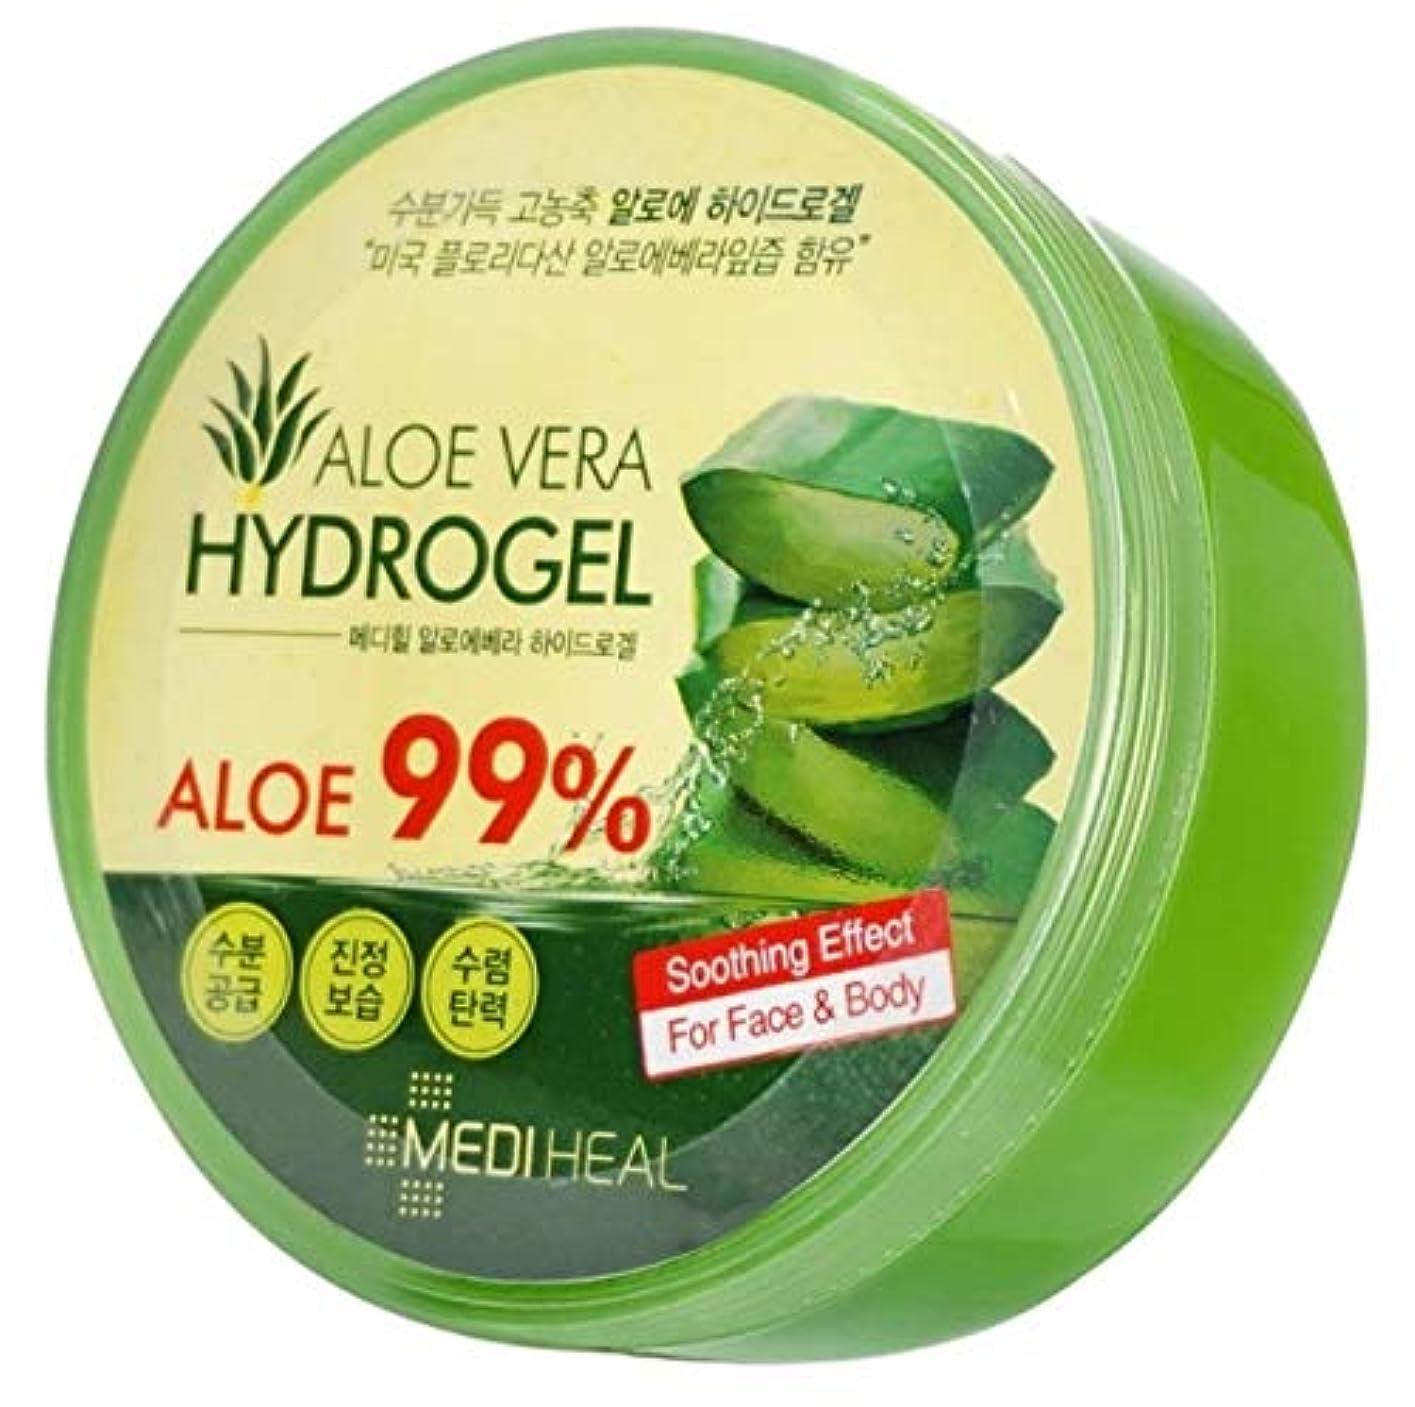 バーター作曲家移民Mediheal メディヒール Skin Soothing なだめるような & Moisture 水分 99% Aloe アロエ Vera Hydro Gels ハイドロゲル